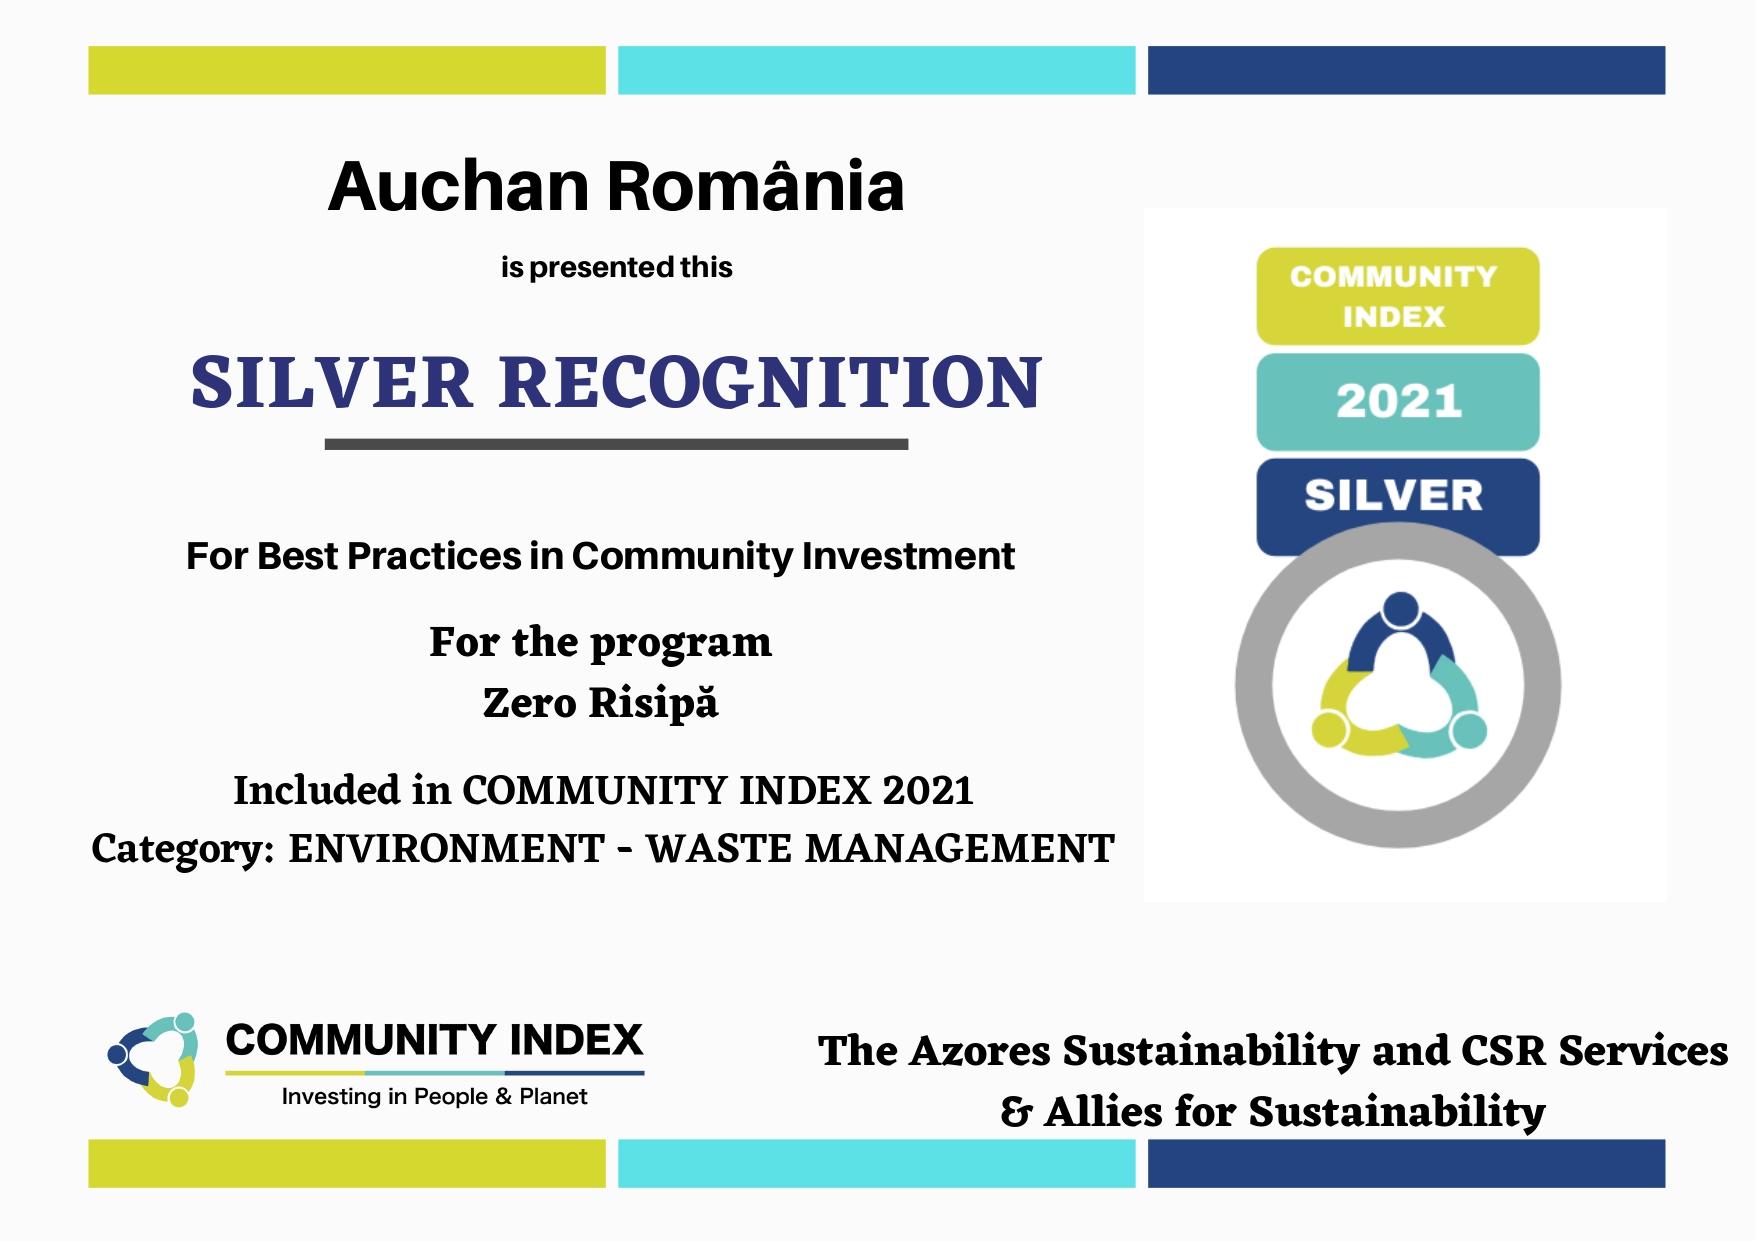 Auchan obține patru distincții silver în cadrul Community Index pentru performanța proiectelor sale de CSR